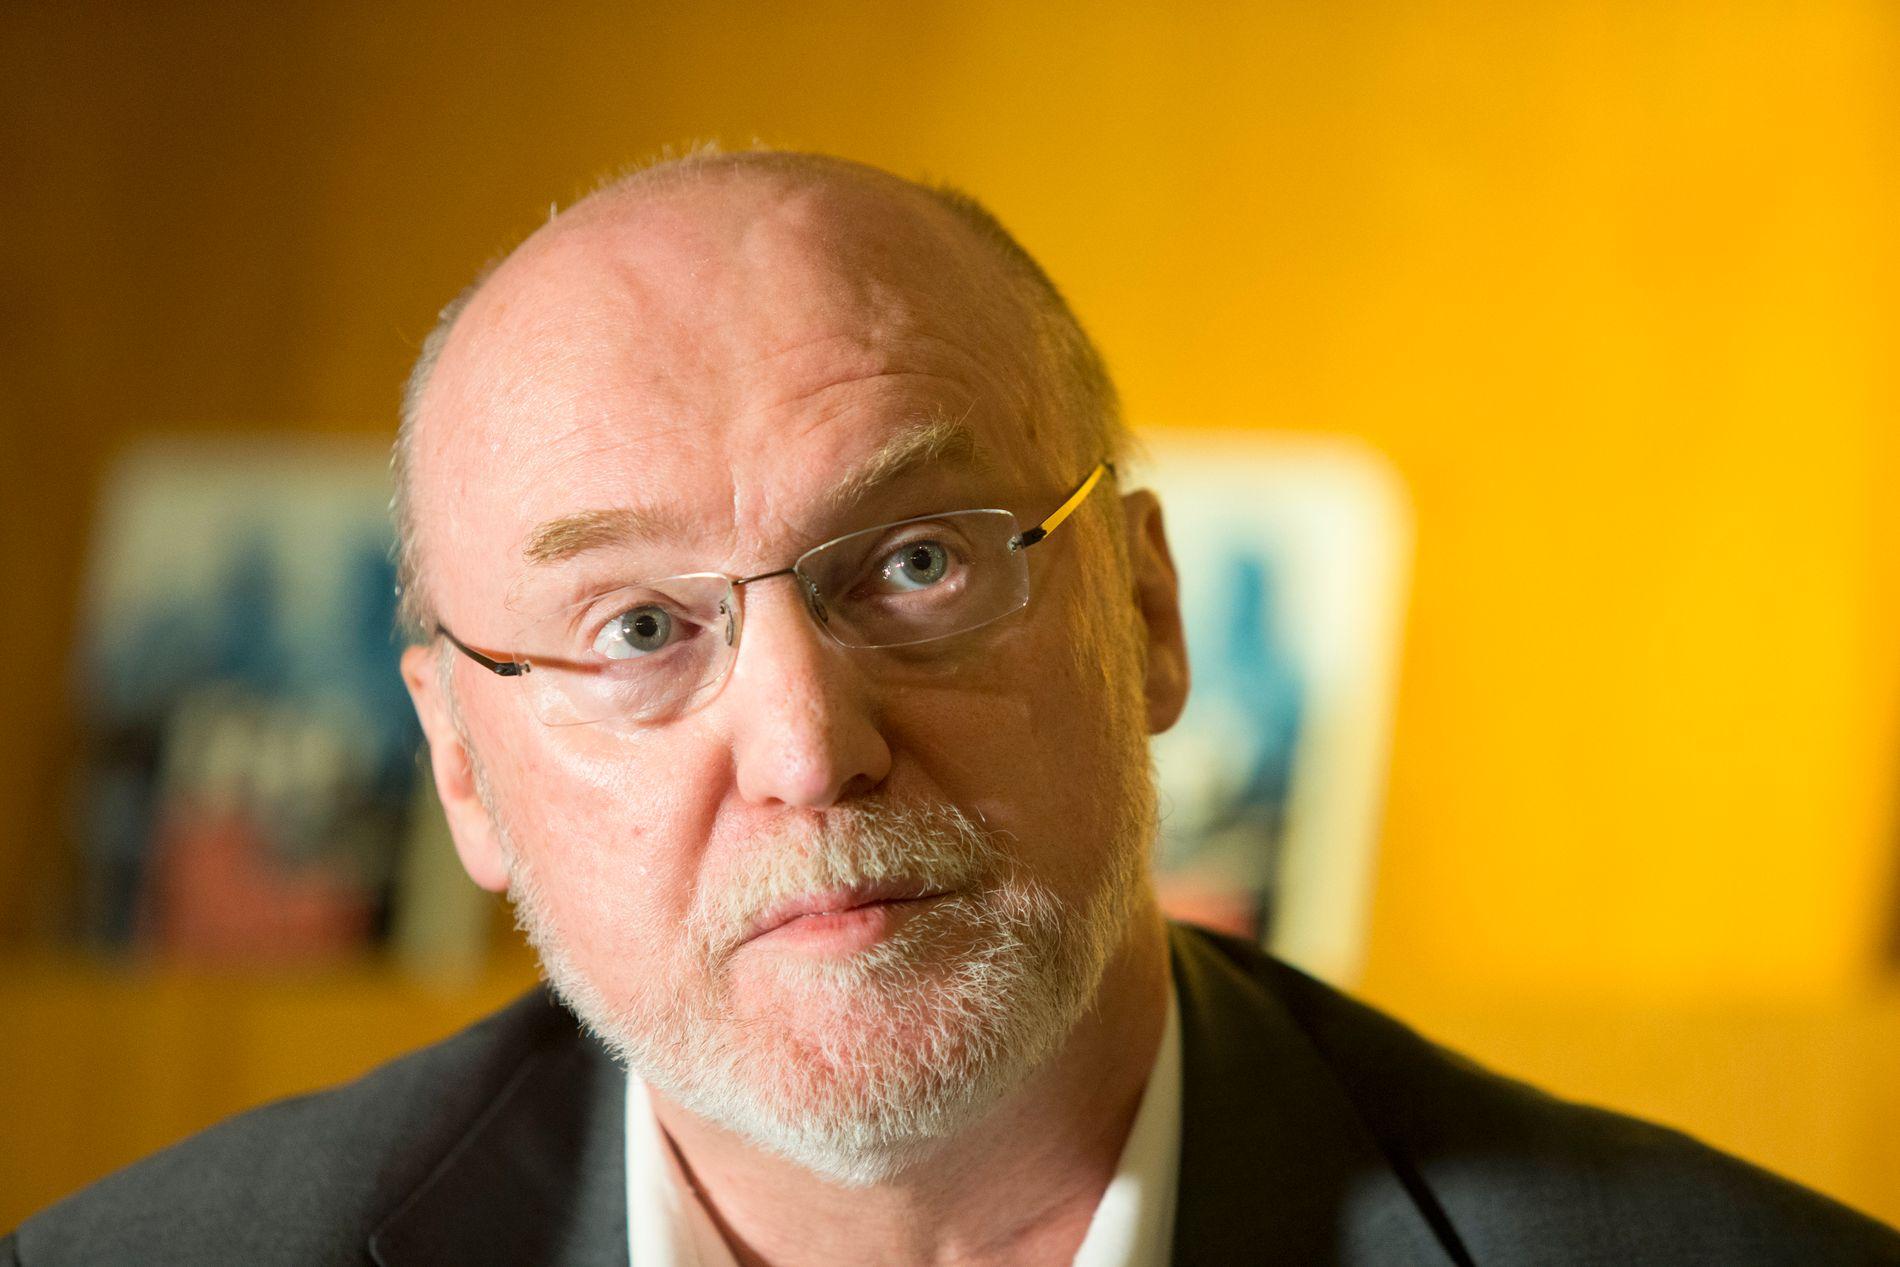 VALGFORSKER: Bernt Aardal ved Institutt for samfunnsforskning og Universitetet i Oslo